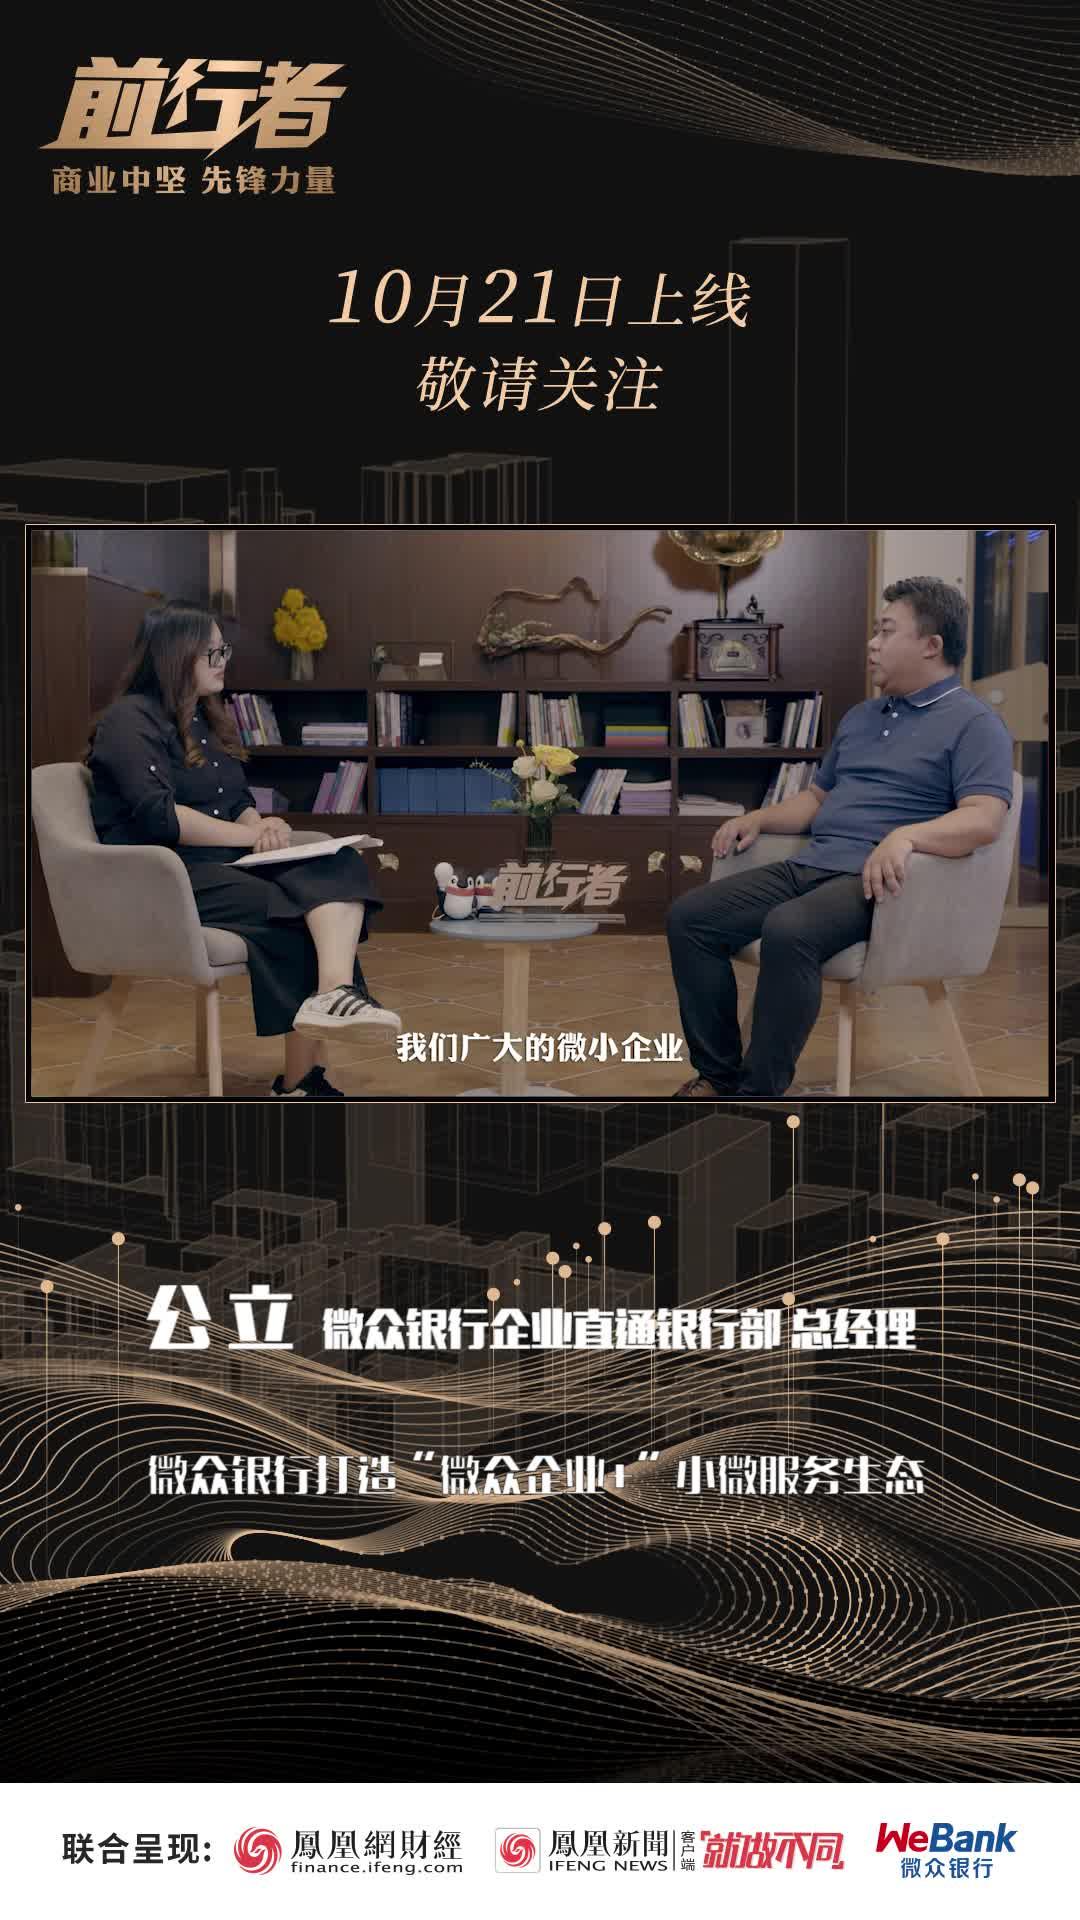 凤凰网财经【前行者】微众银行特辑10月22日上线,敬请关注!